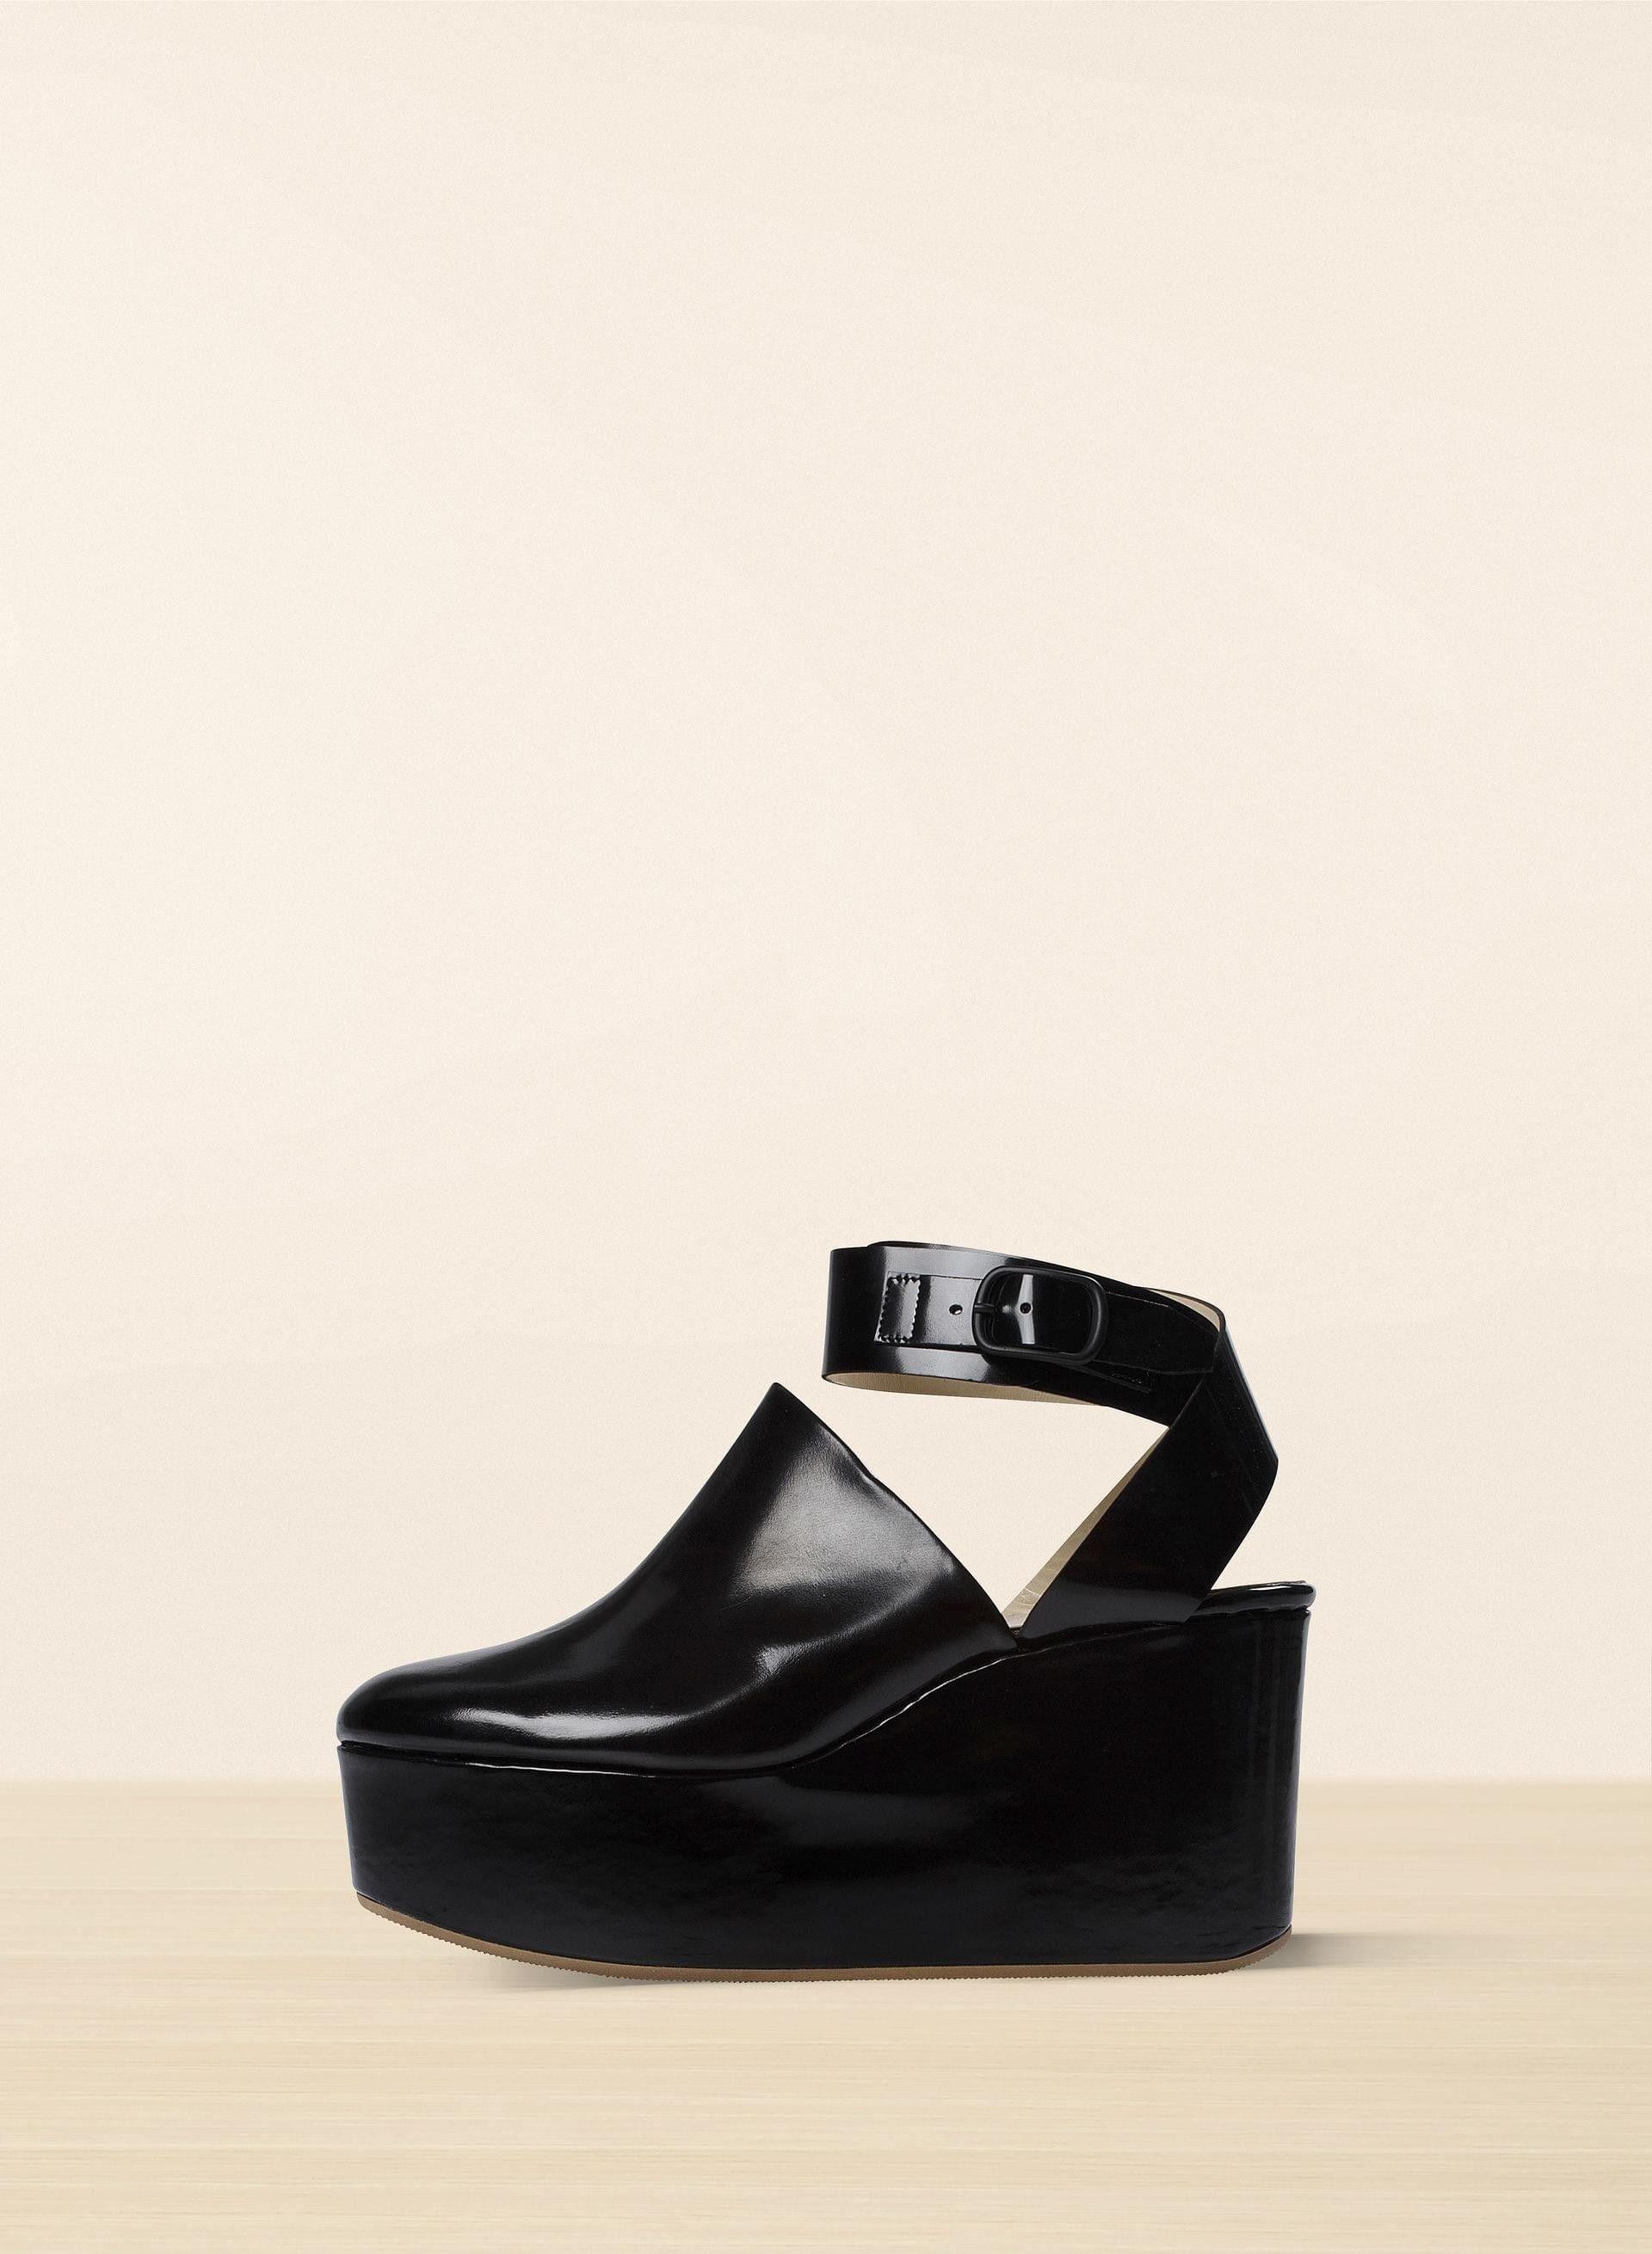 Kiiltonahkaisissa kengissä on kiilakorko ja korokepohja, suljettu varvasosa ja soljellinen nilkkahihna. Valmistettu Italiassa.